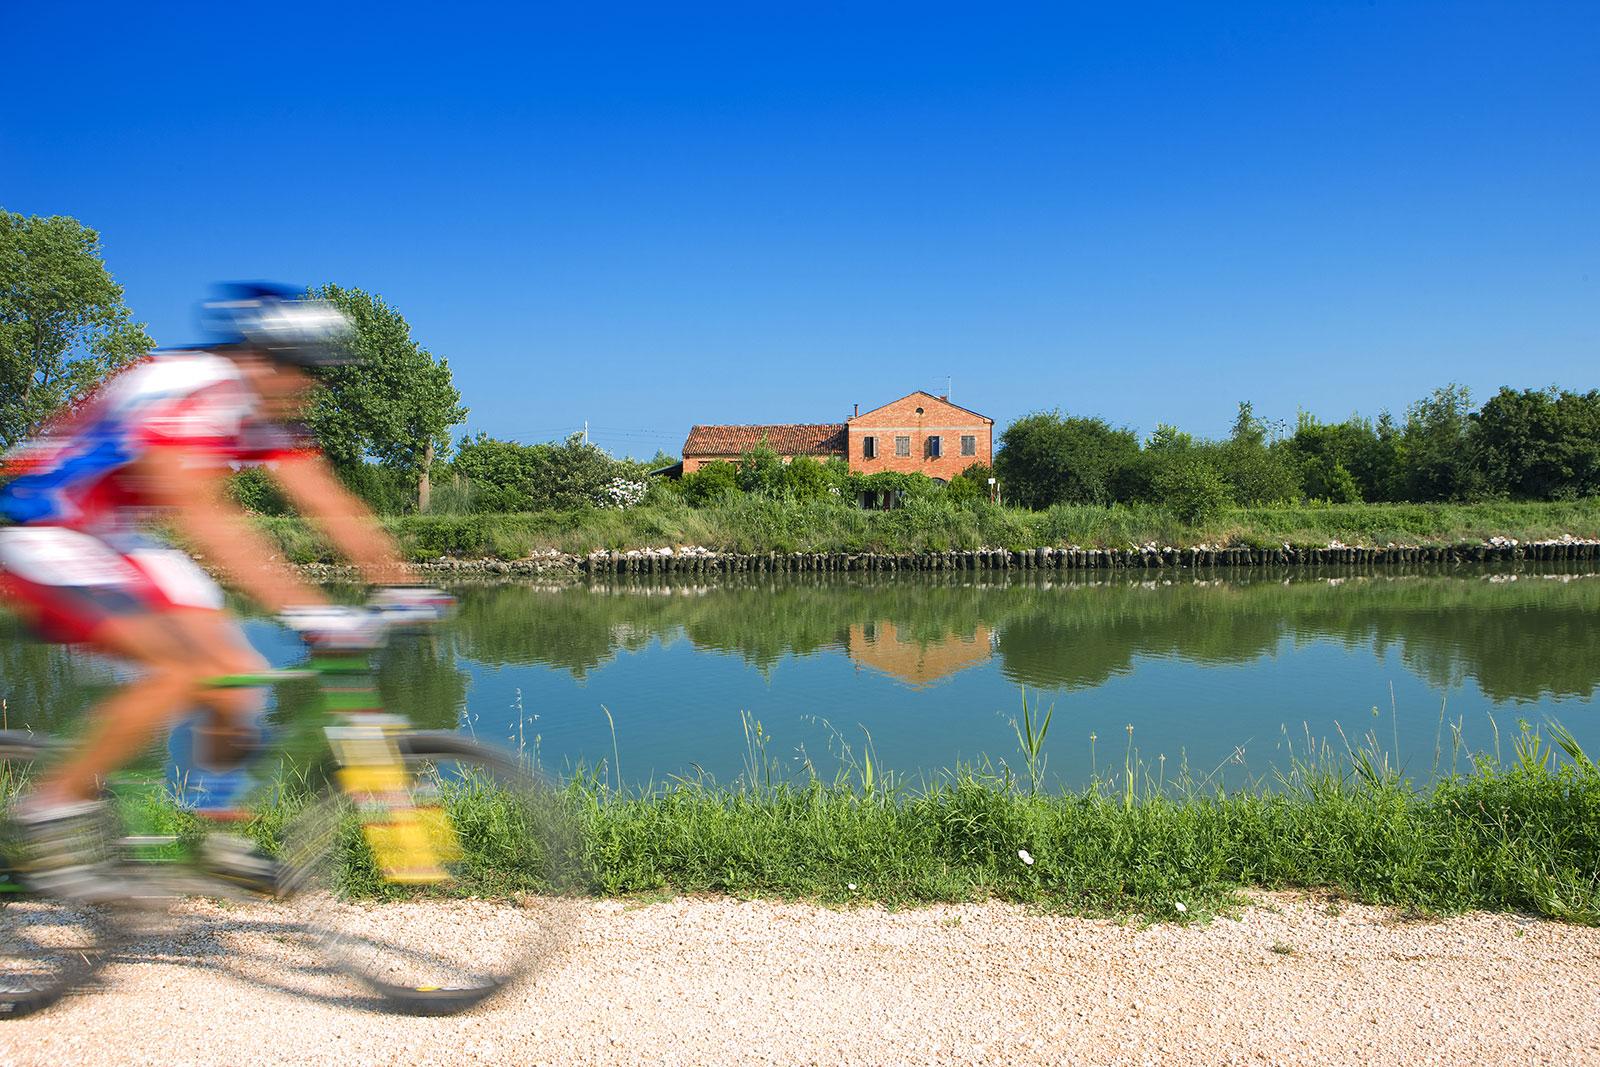 14---Rad-fahren-in-der-Natur-in-Cavallino-Treporti---Venedig